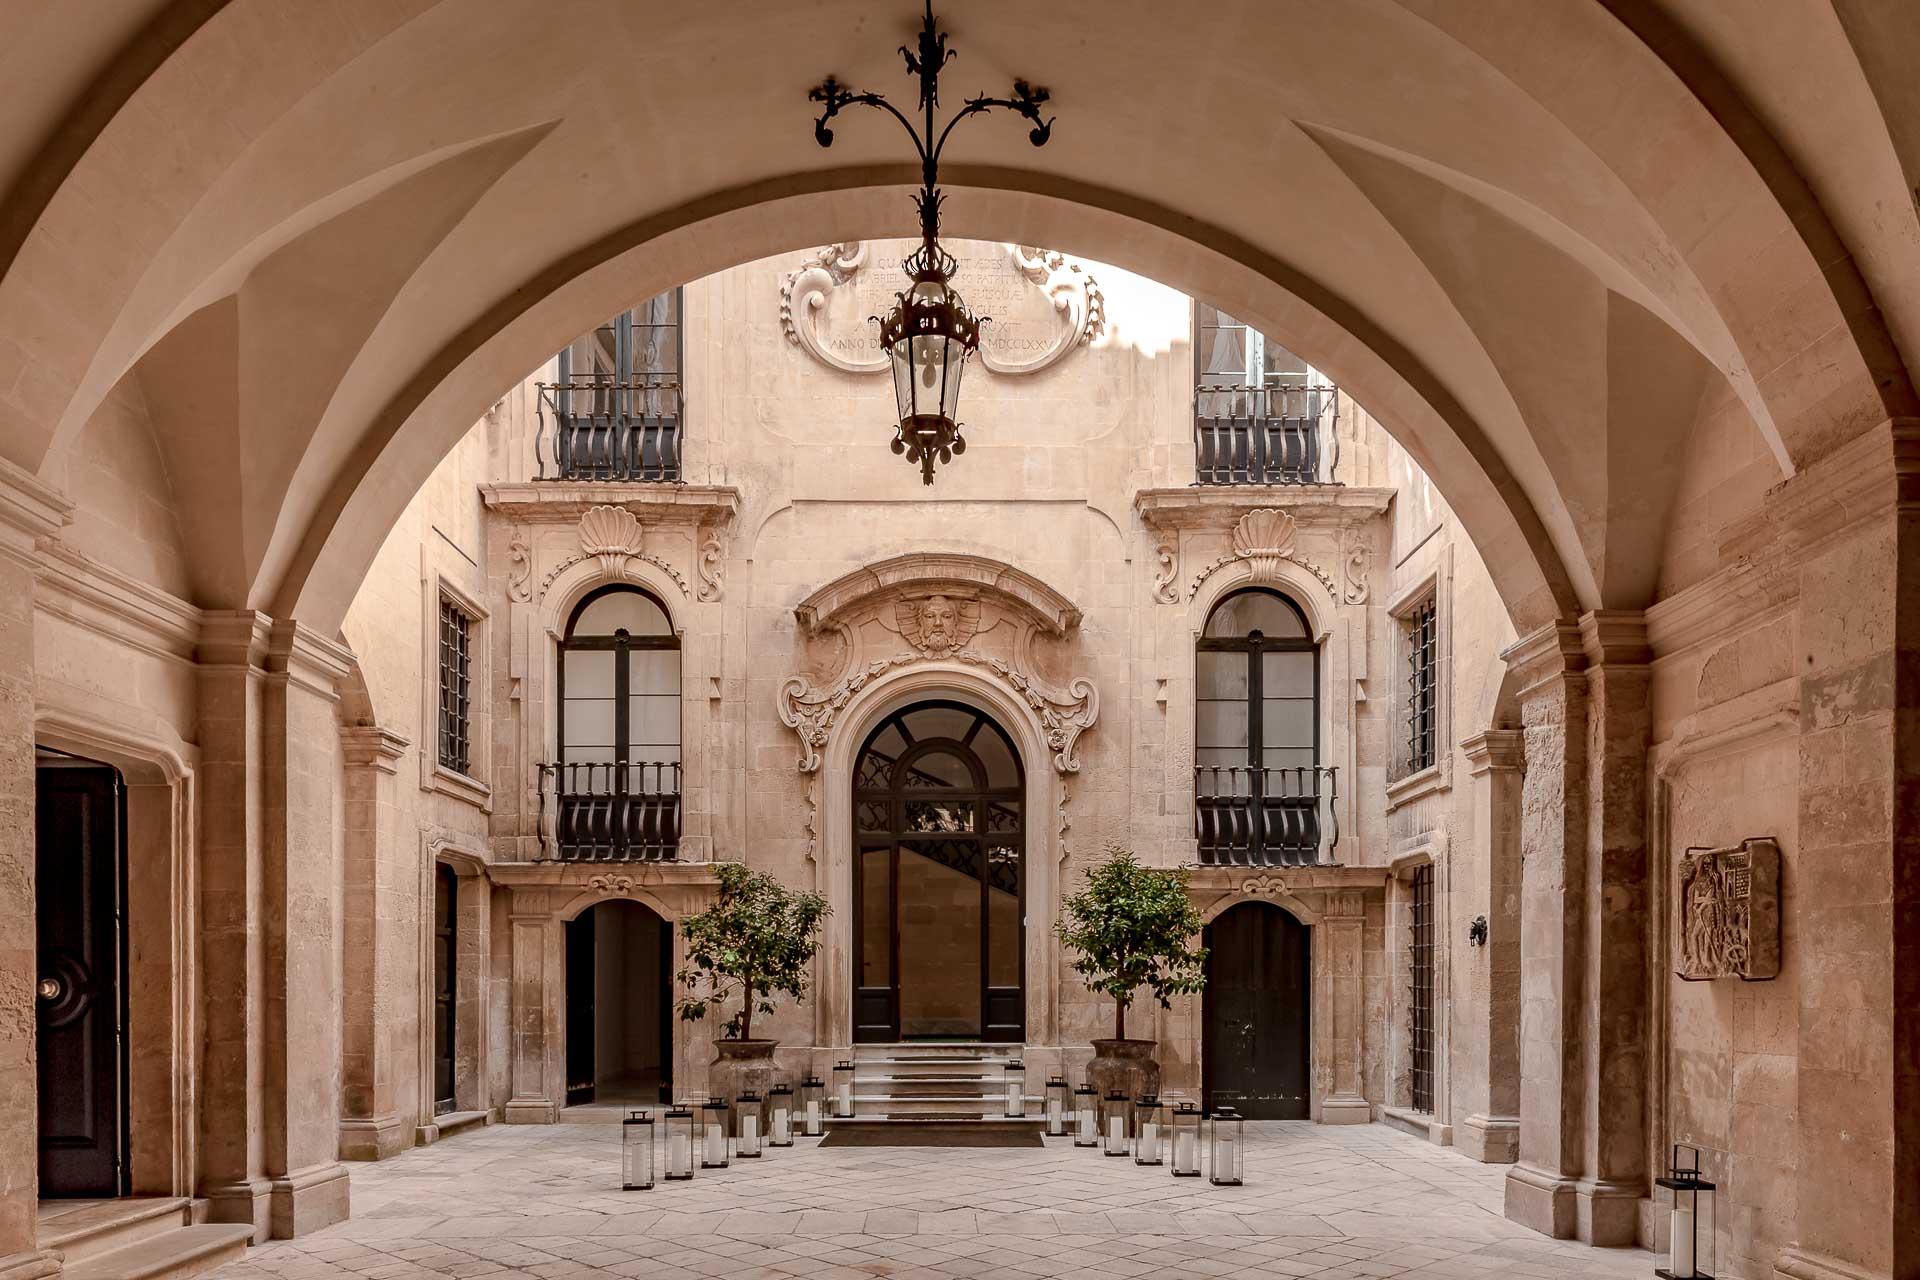 Situé dans un ancien palais baroque, plafond à ogive et mobilier design sont au programme du Palazzo Bozzi Corso à Lecce (Pouilles). Pénétrez la cour majestueuse et découvrez cette nouvelle adresse exclusive de seulement 10 clés.